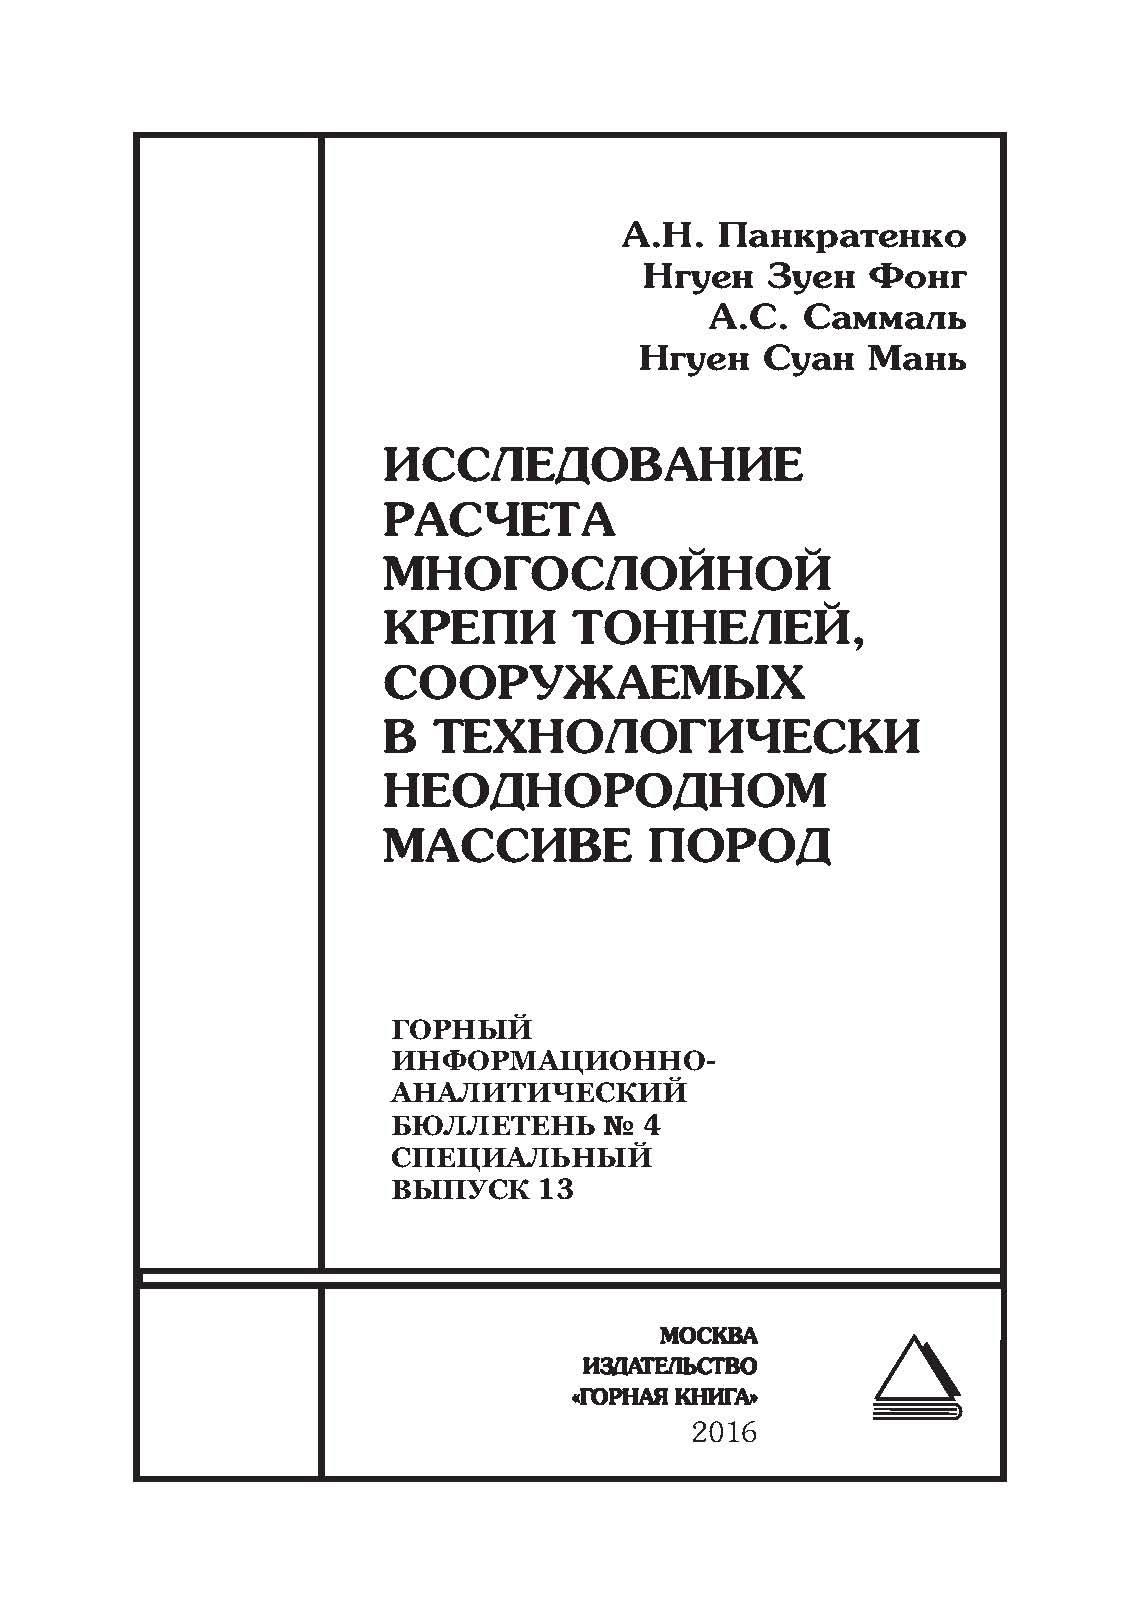 А. Н. Панкратенко Исследование расчета многослойной крепи тоннелей, сооружаемых в технологически неоднородном массиве пород а панкратенко технология строительства выработок большого поперечного сечения